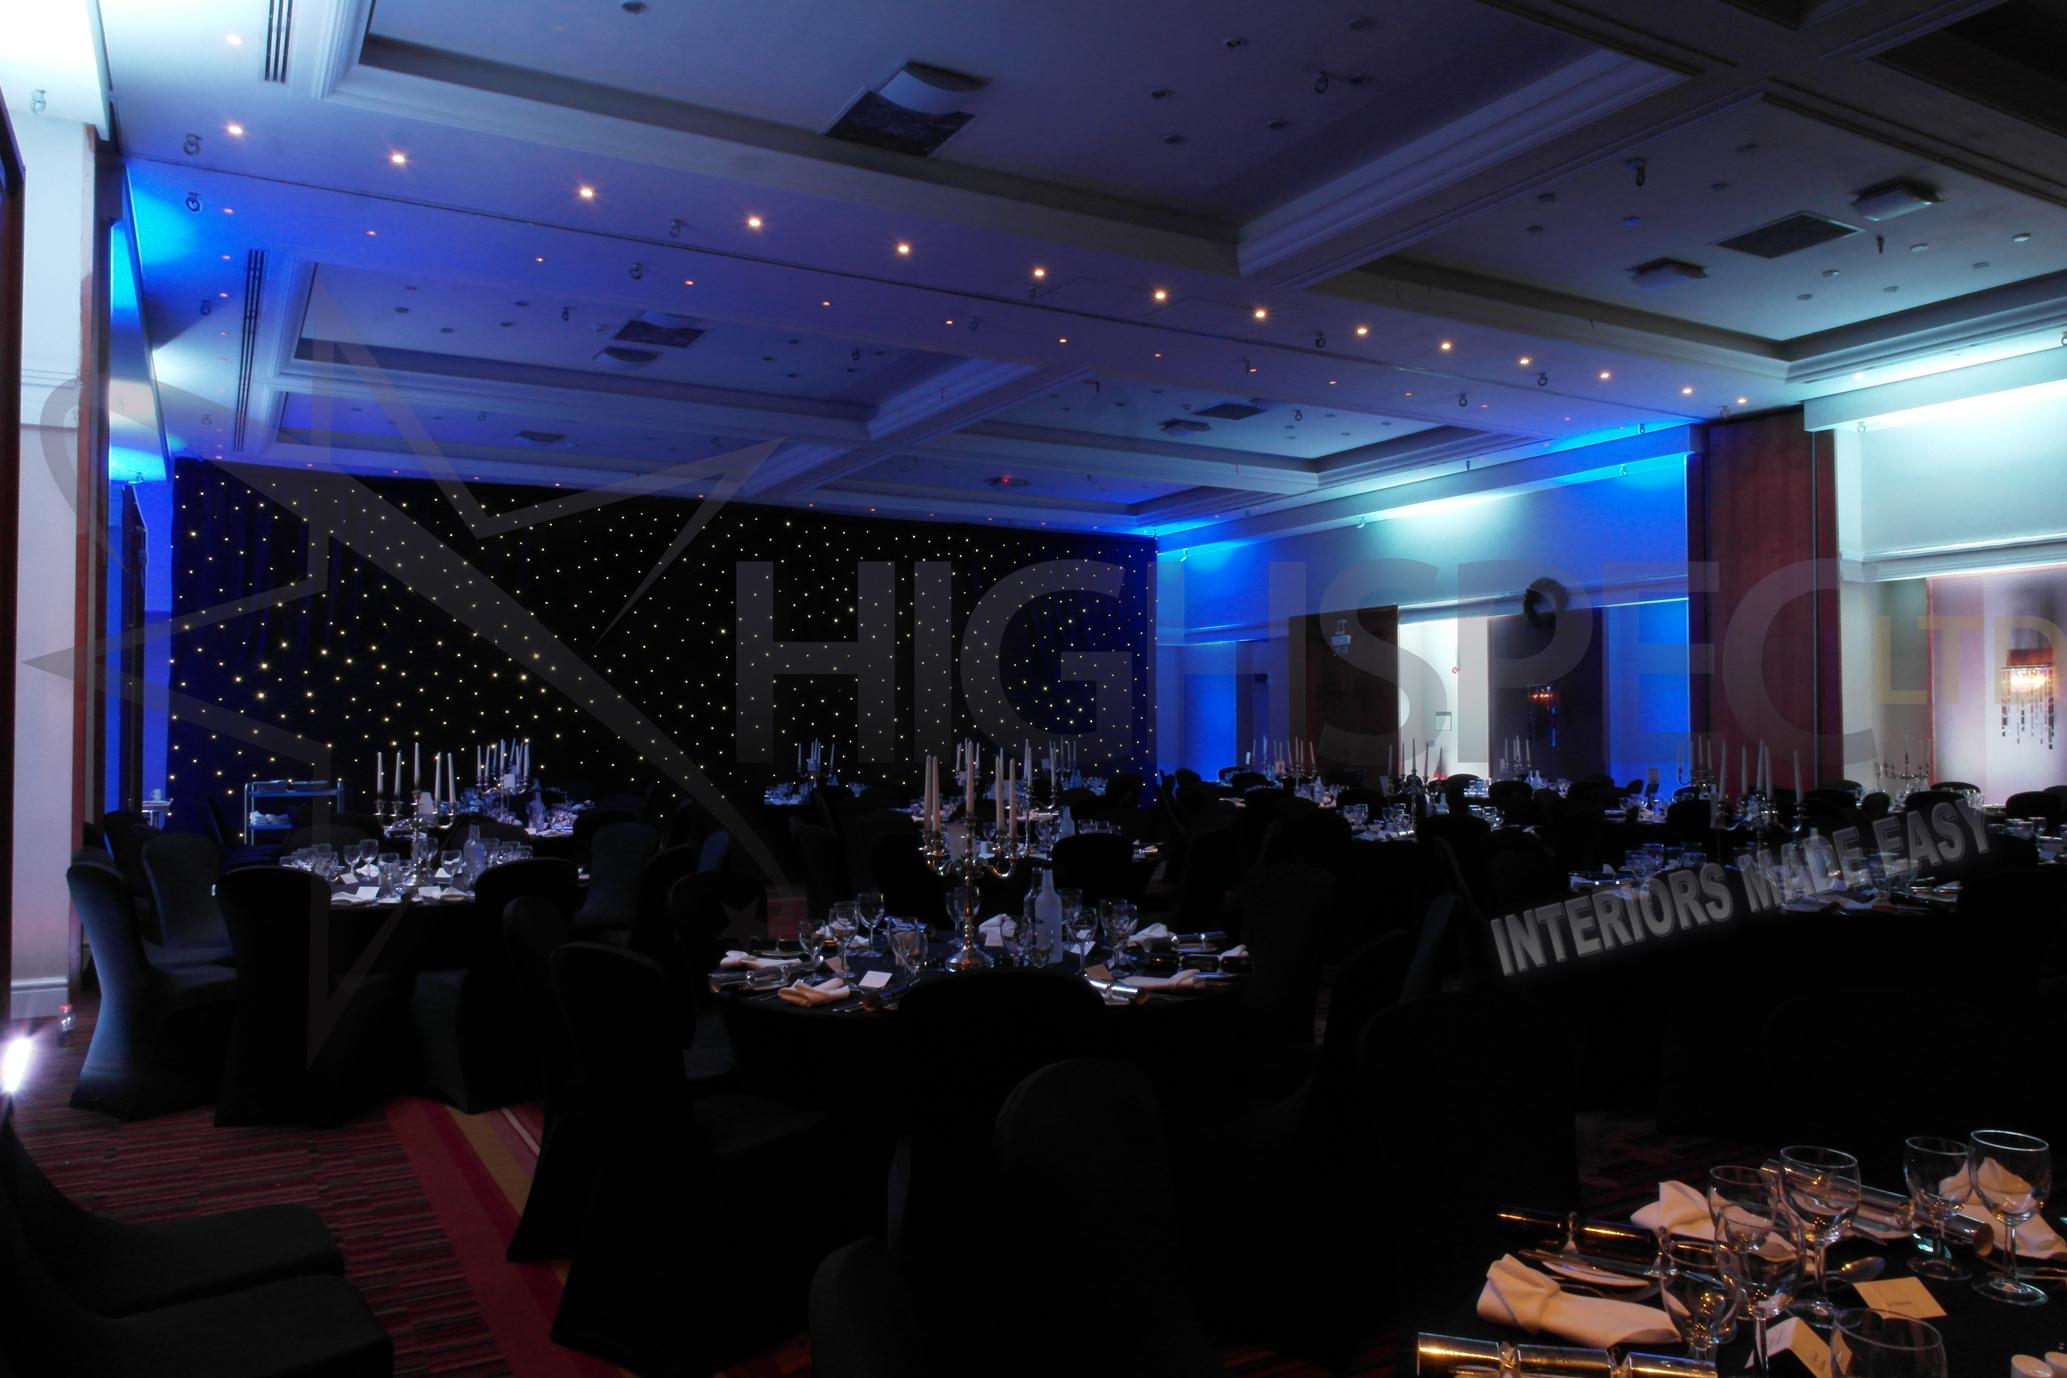 Venue draping - Black starlight venue decor